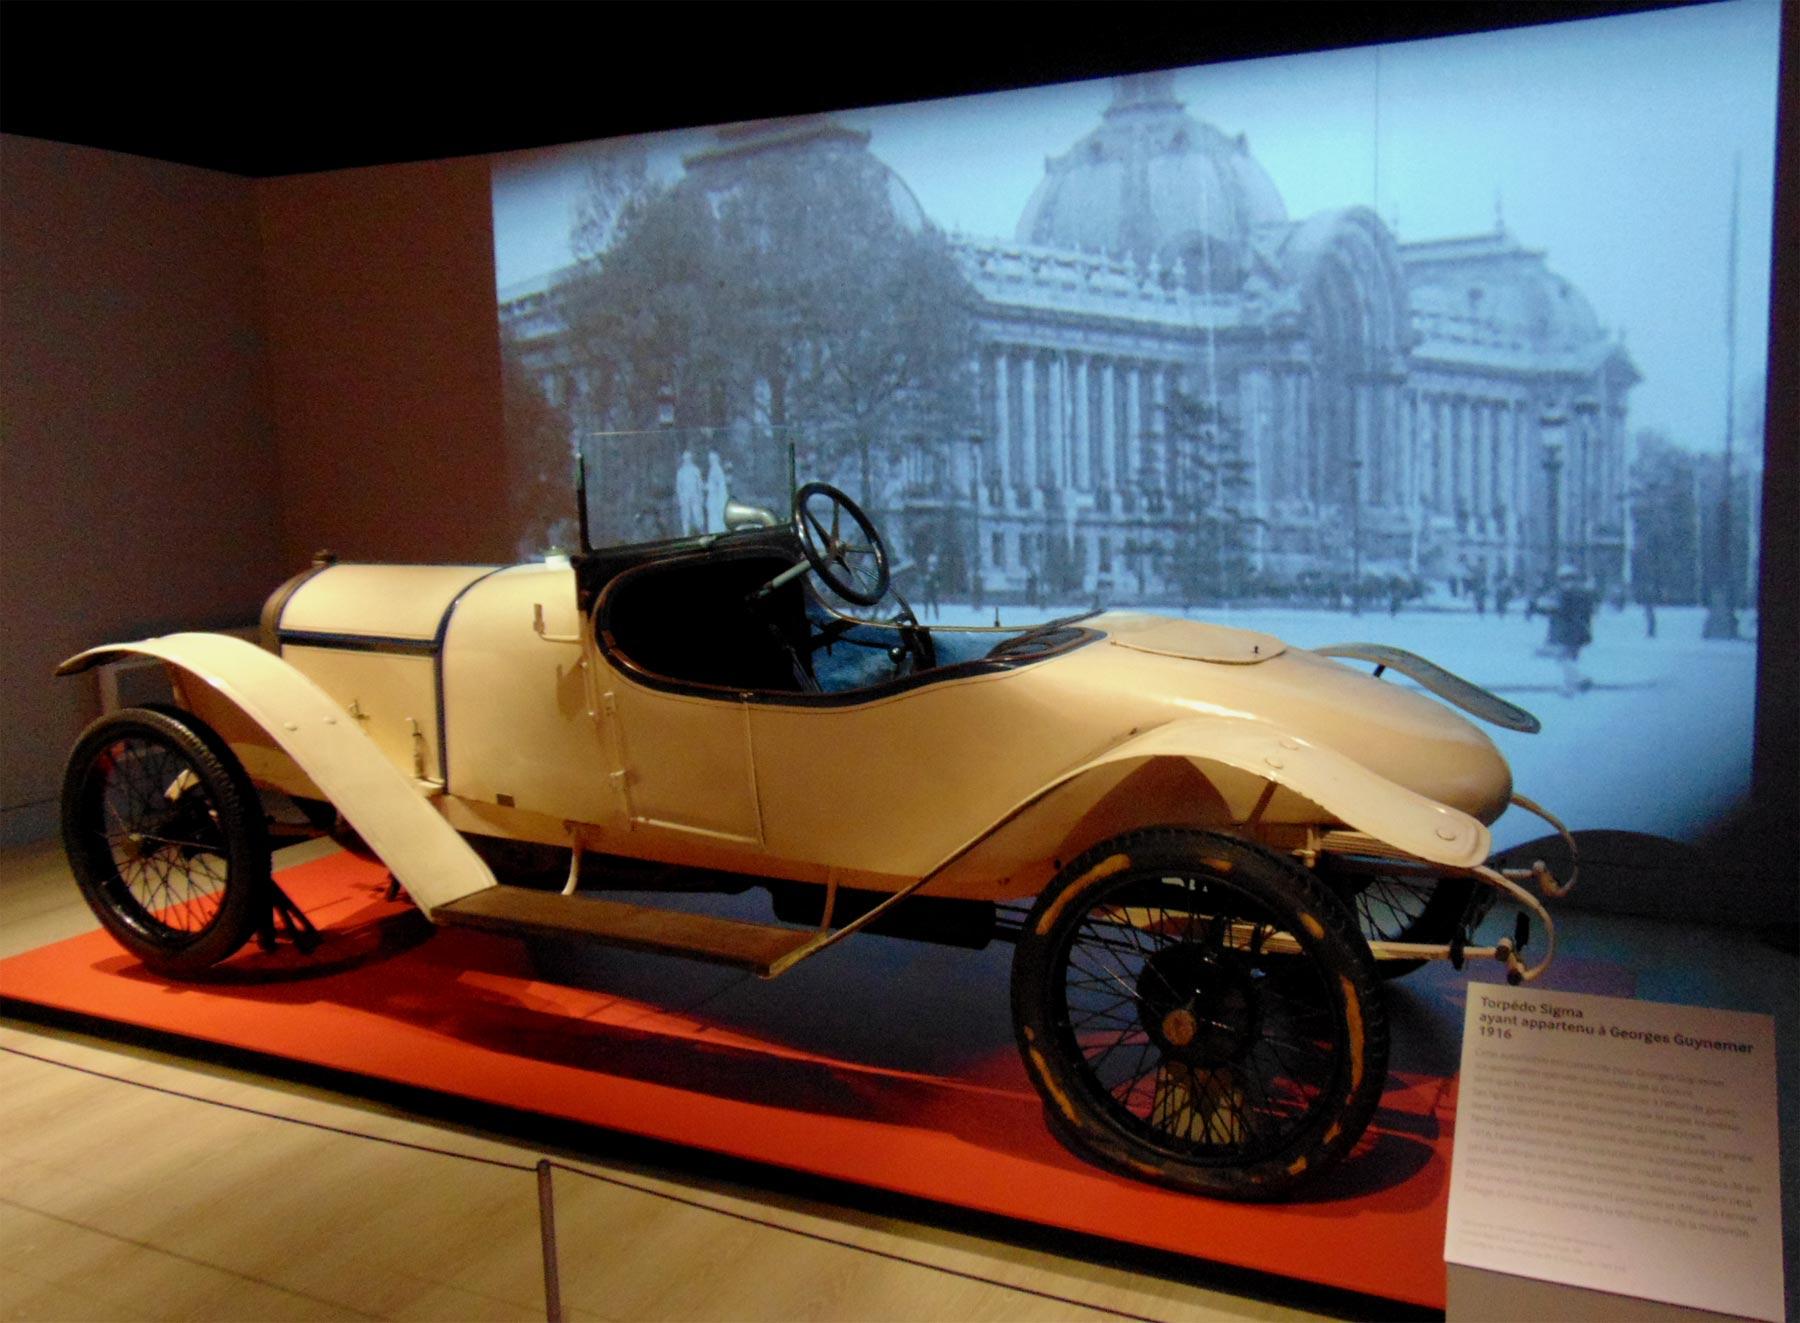 автомобиль на выставке музея авиации и космонавтики в ле Бурже